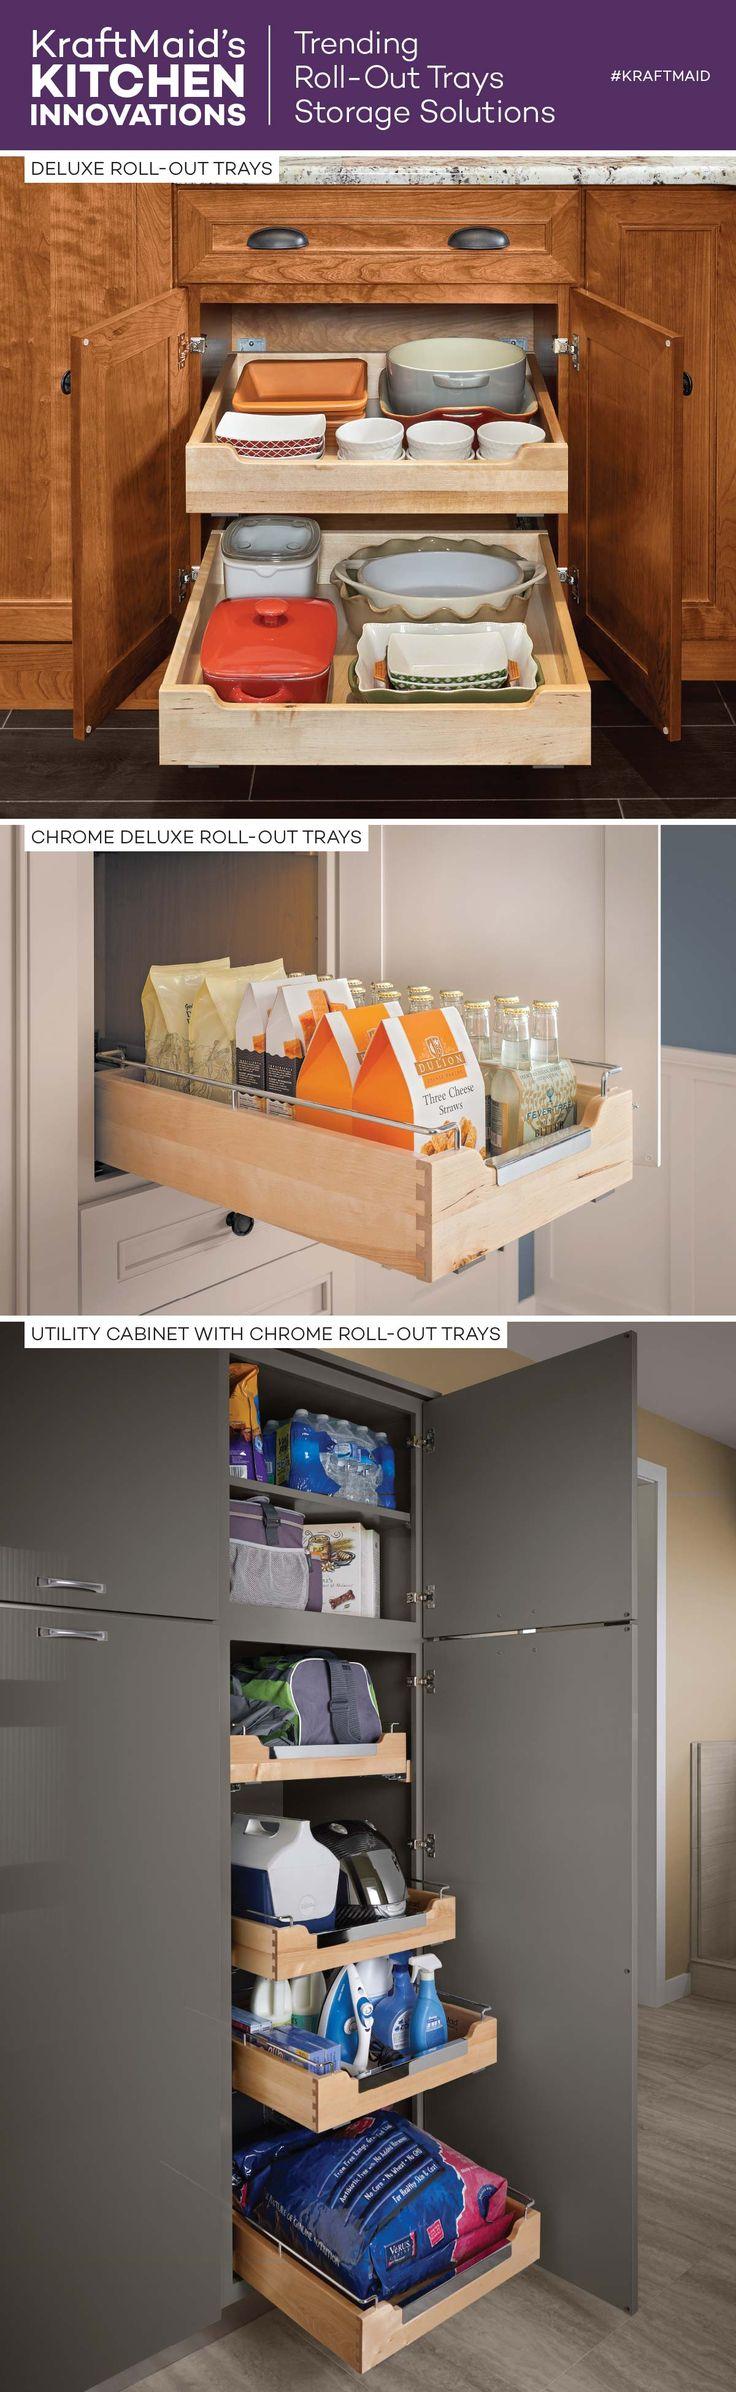 Berühmt Kraftmaid Küchenschränke Online Kaufen Fotos - Ideen Für Die ...